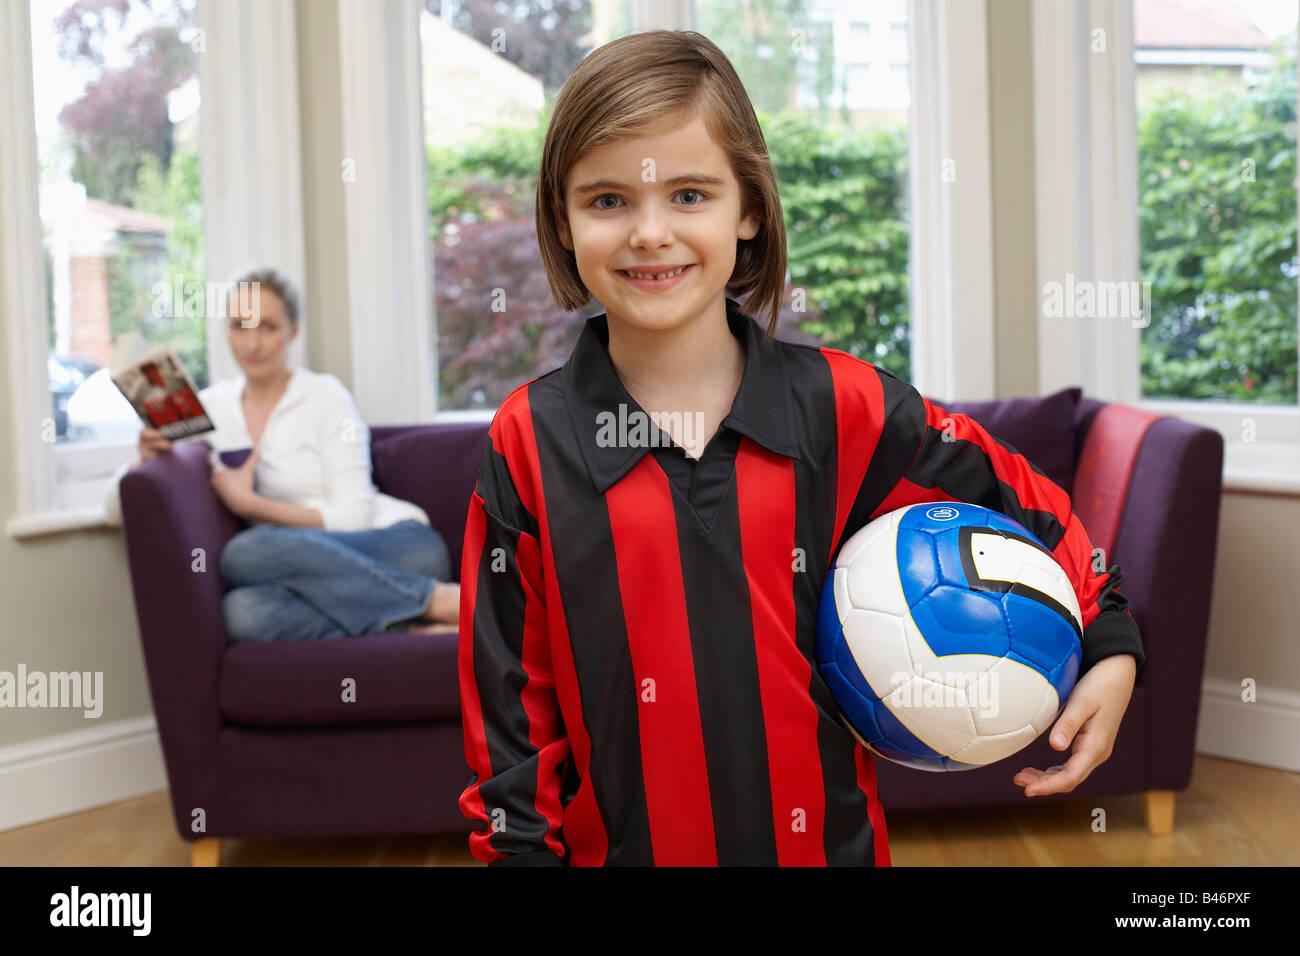 Porträt eines Mädchens mit Soccer Ball Stockfoto